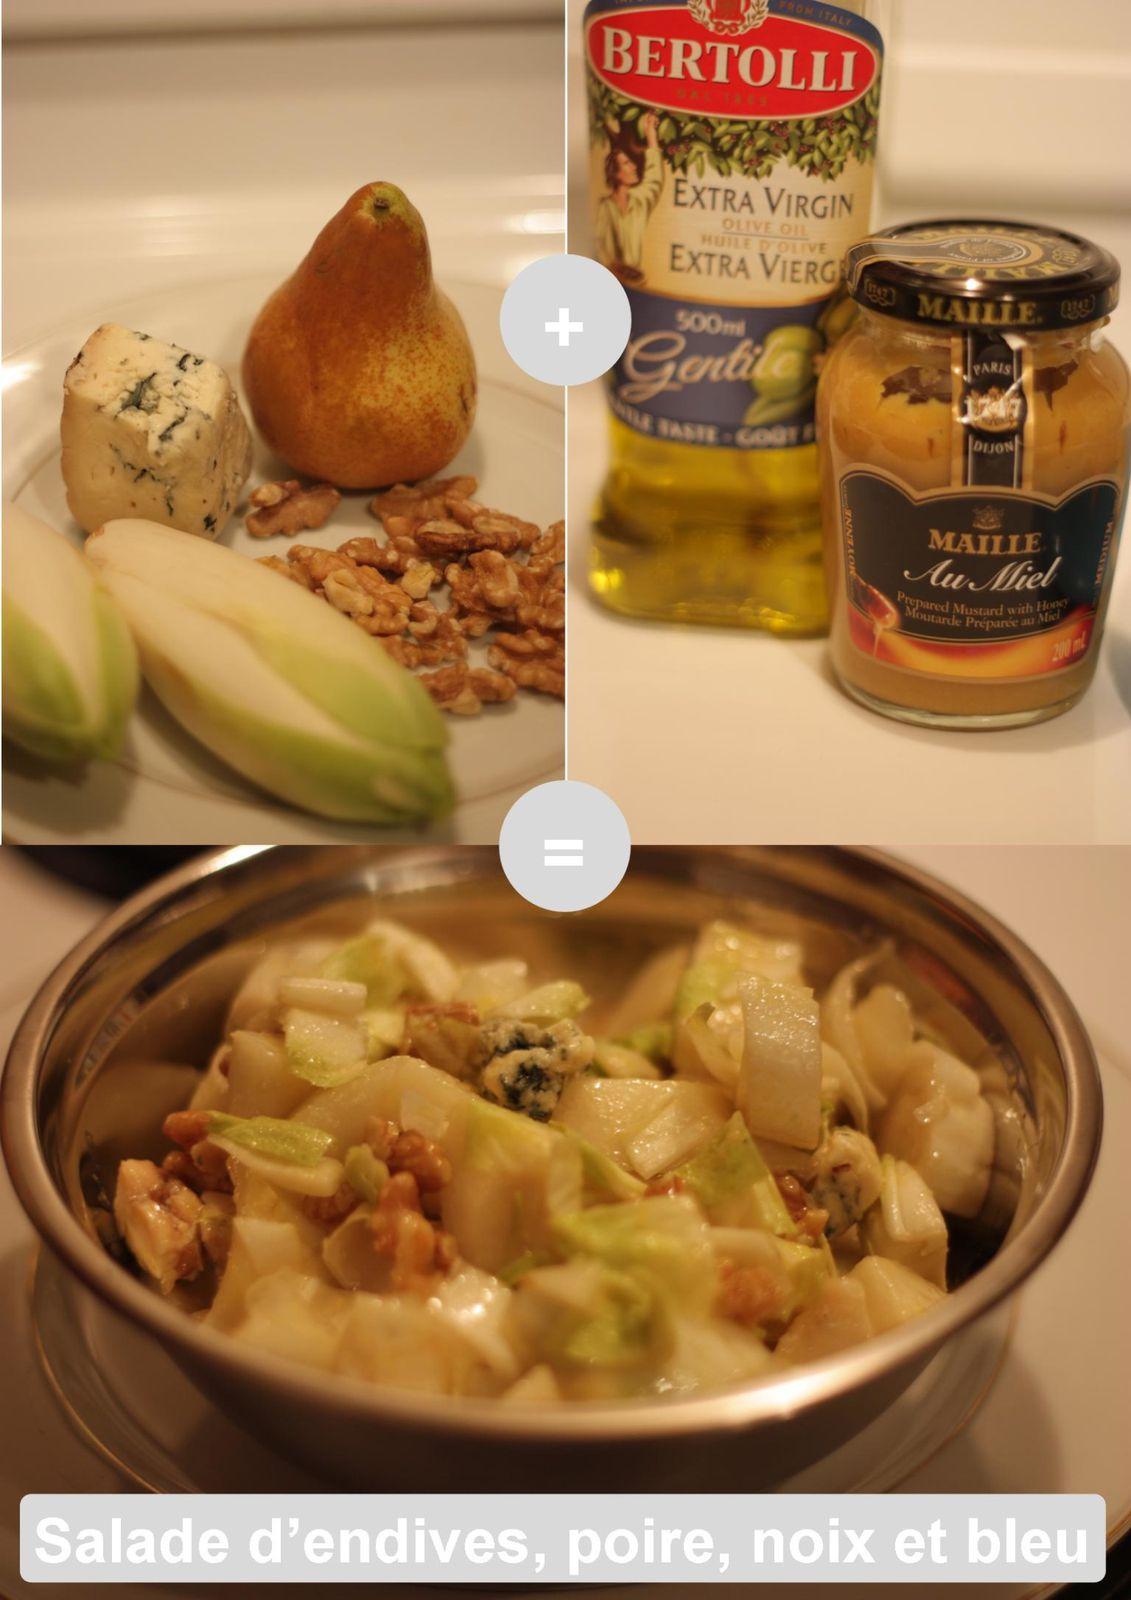 Salade d'endives, poire, noix et bleu